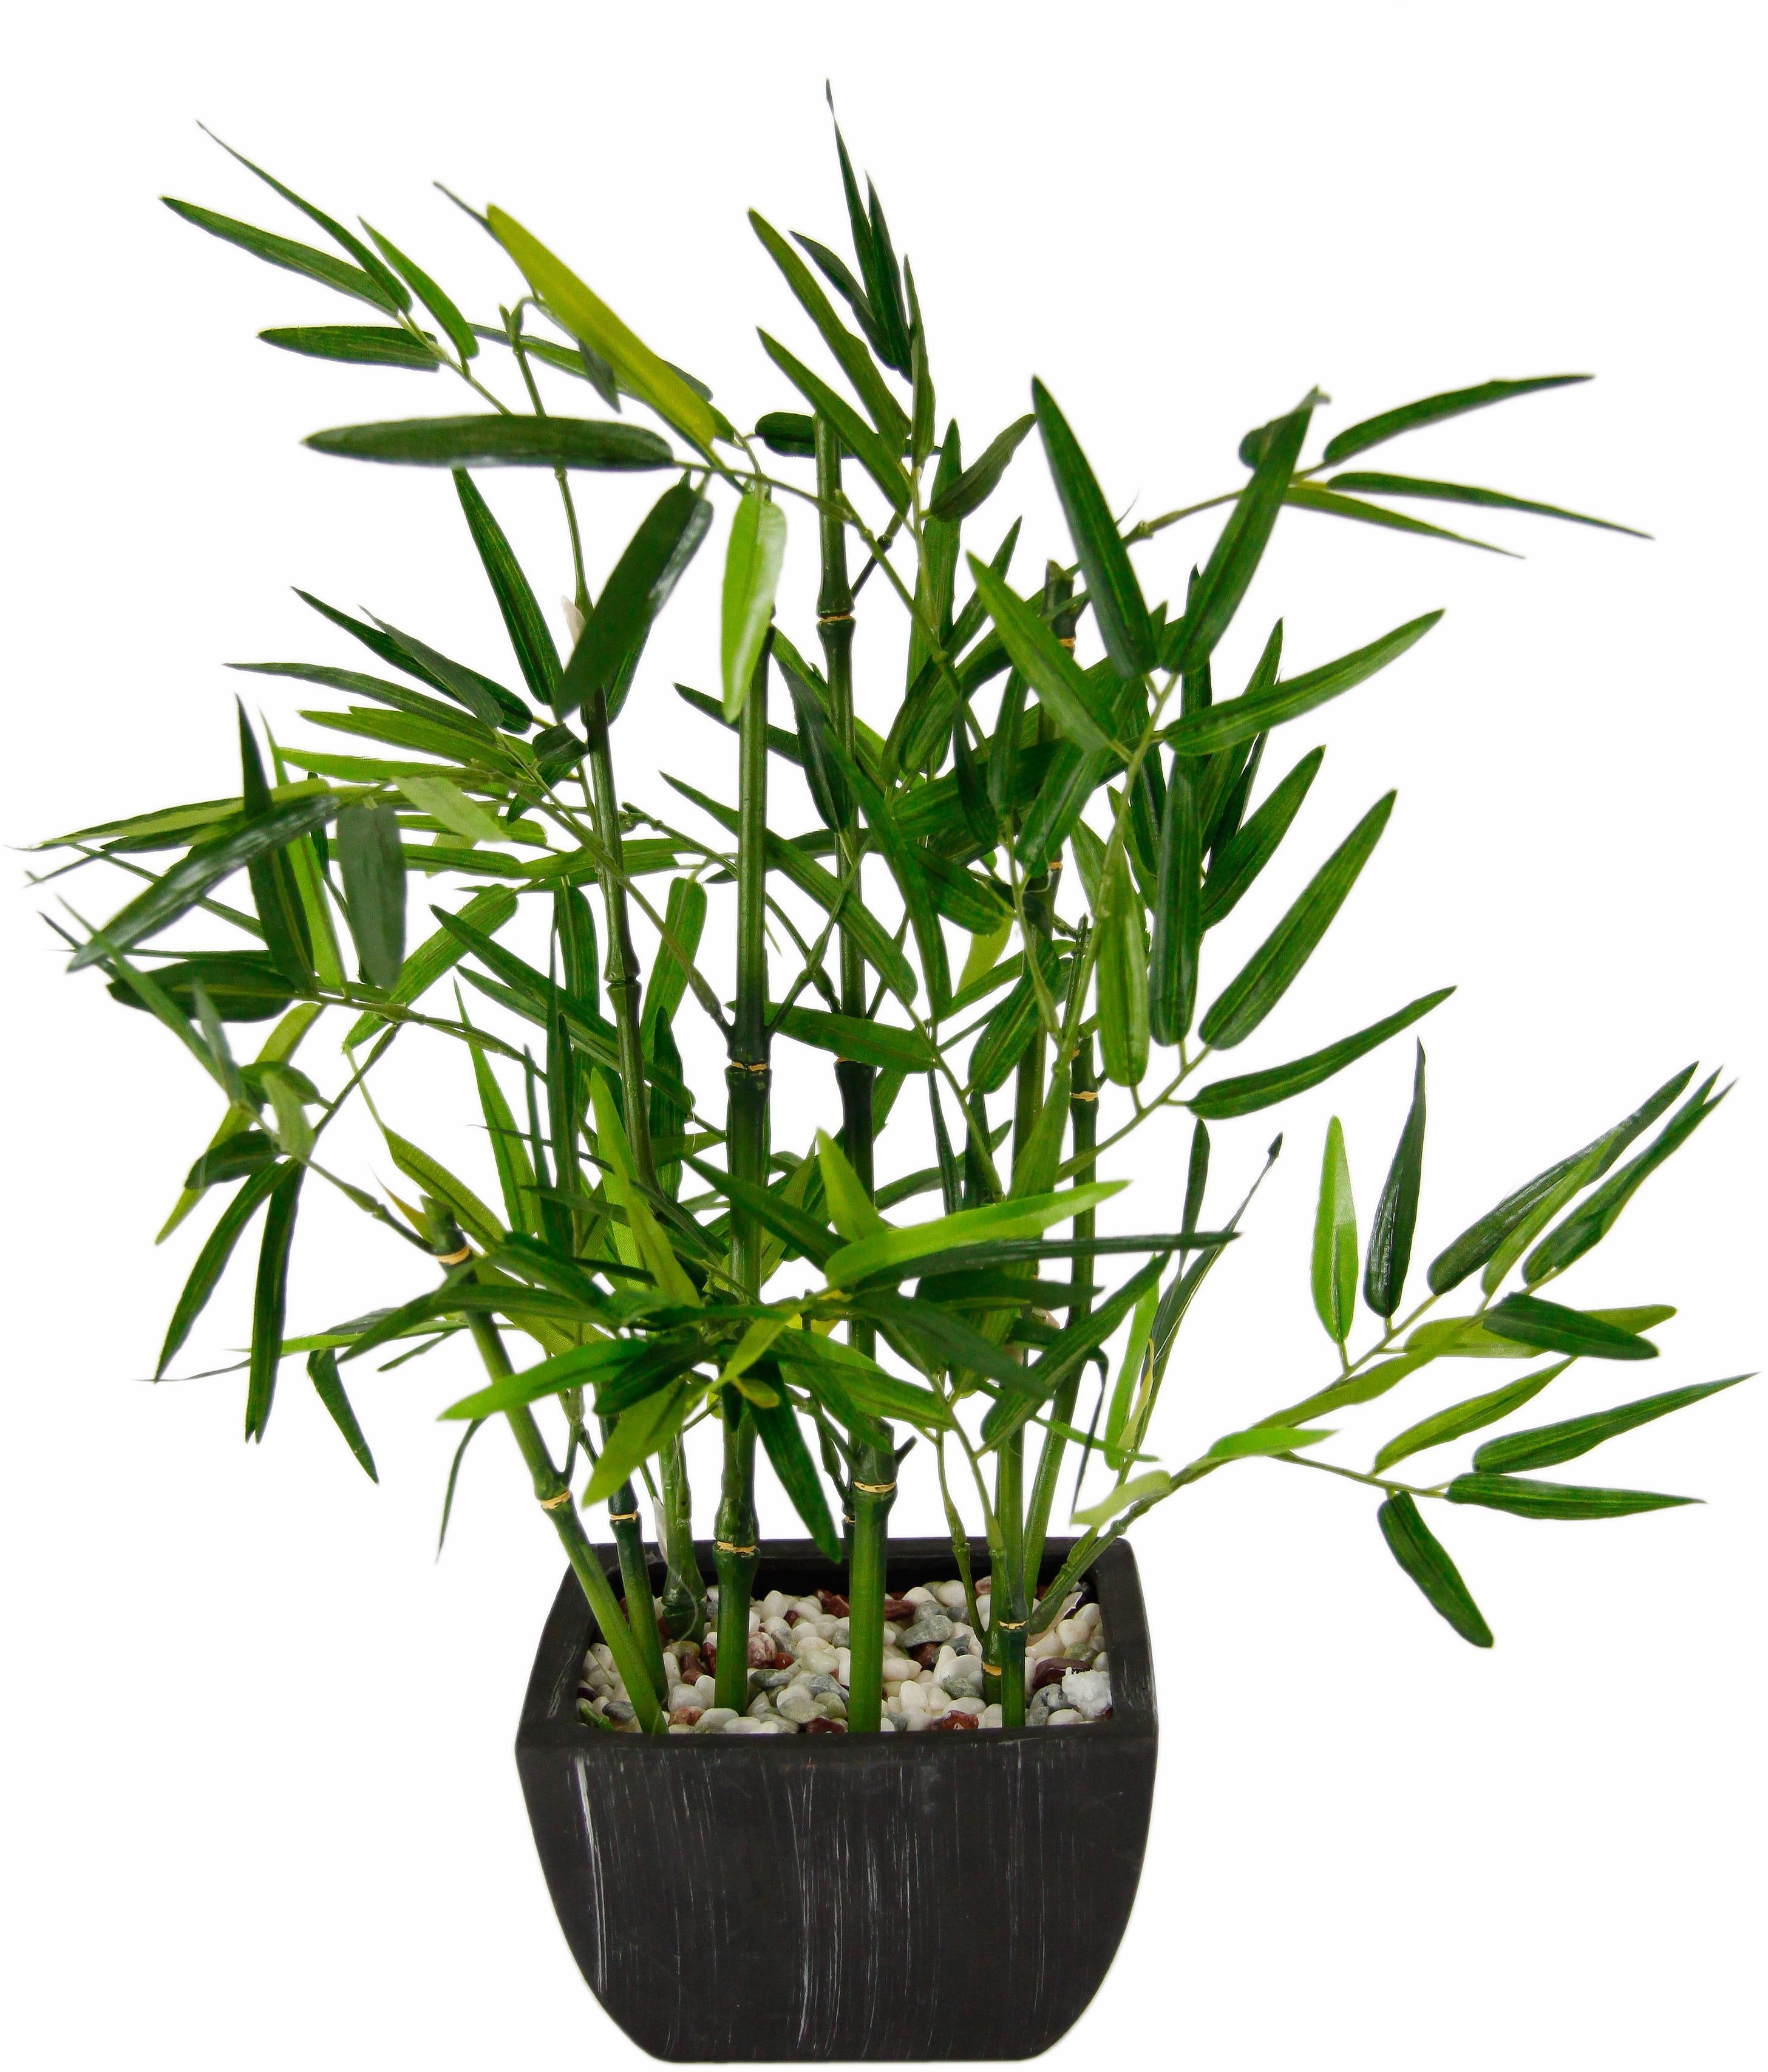 I.GE.A. Kunstpflanze Bambus (1 Stück) grün Zimmerpflanzen Pflanzen Garten Balkon Kunstpflanzen